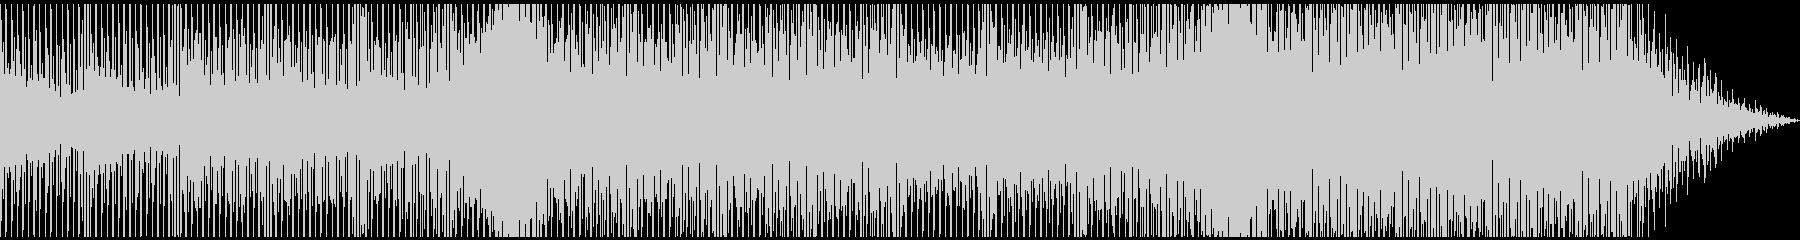 ほのぼのとしたチルアウトの未再生の波形